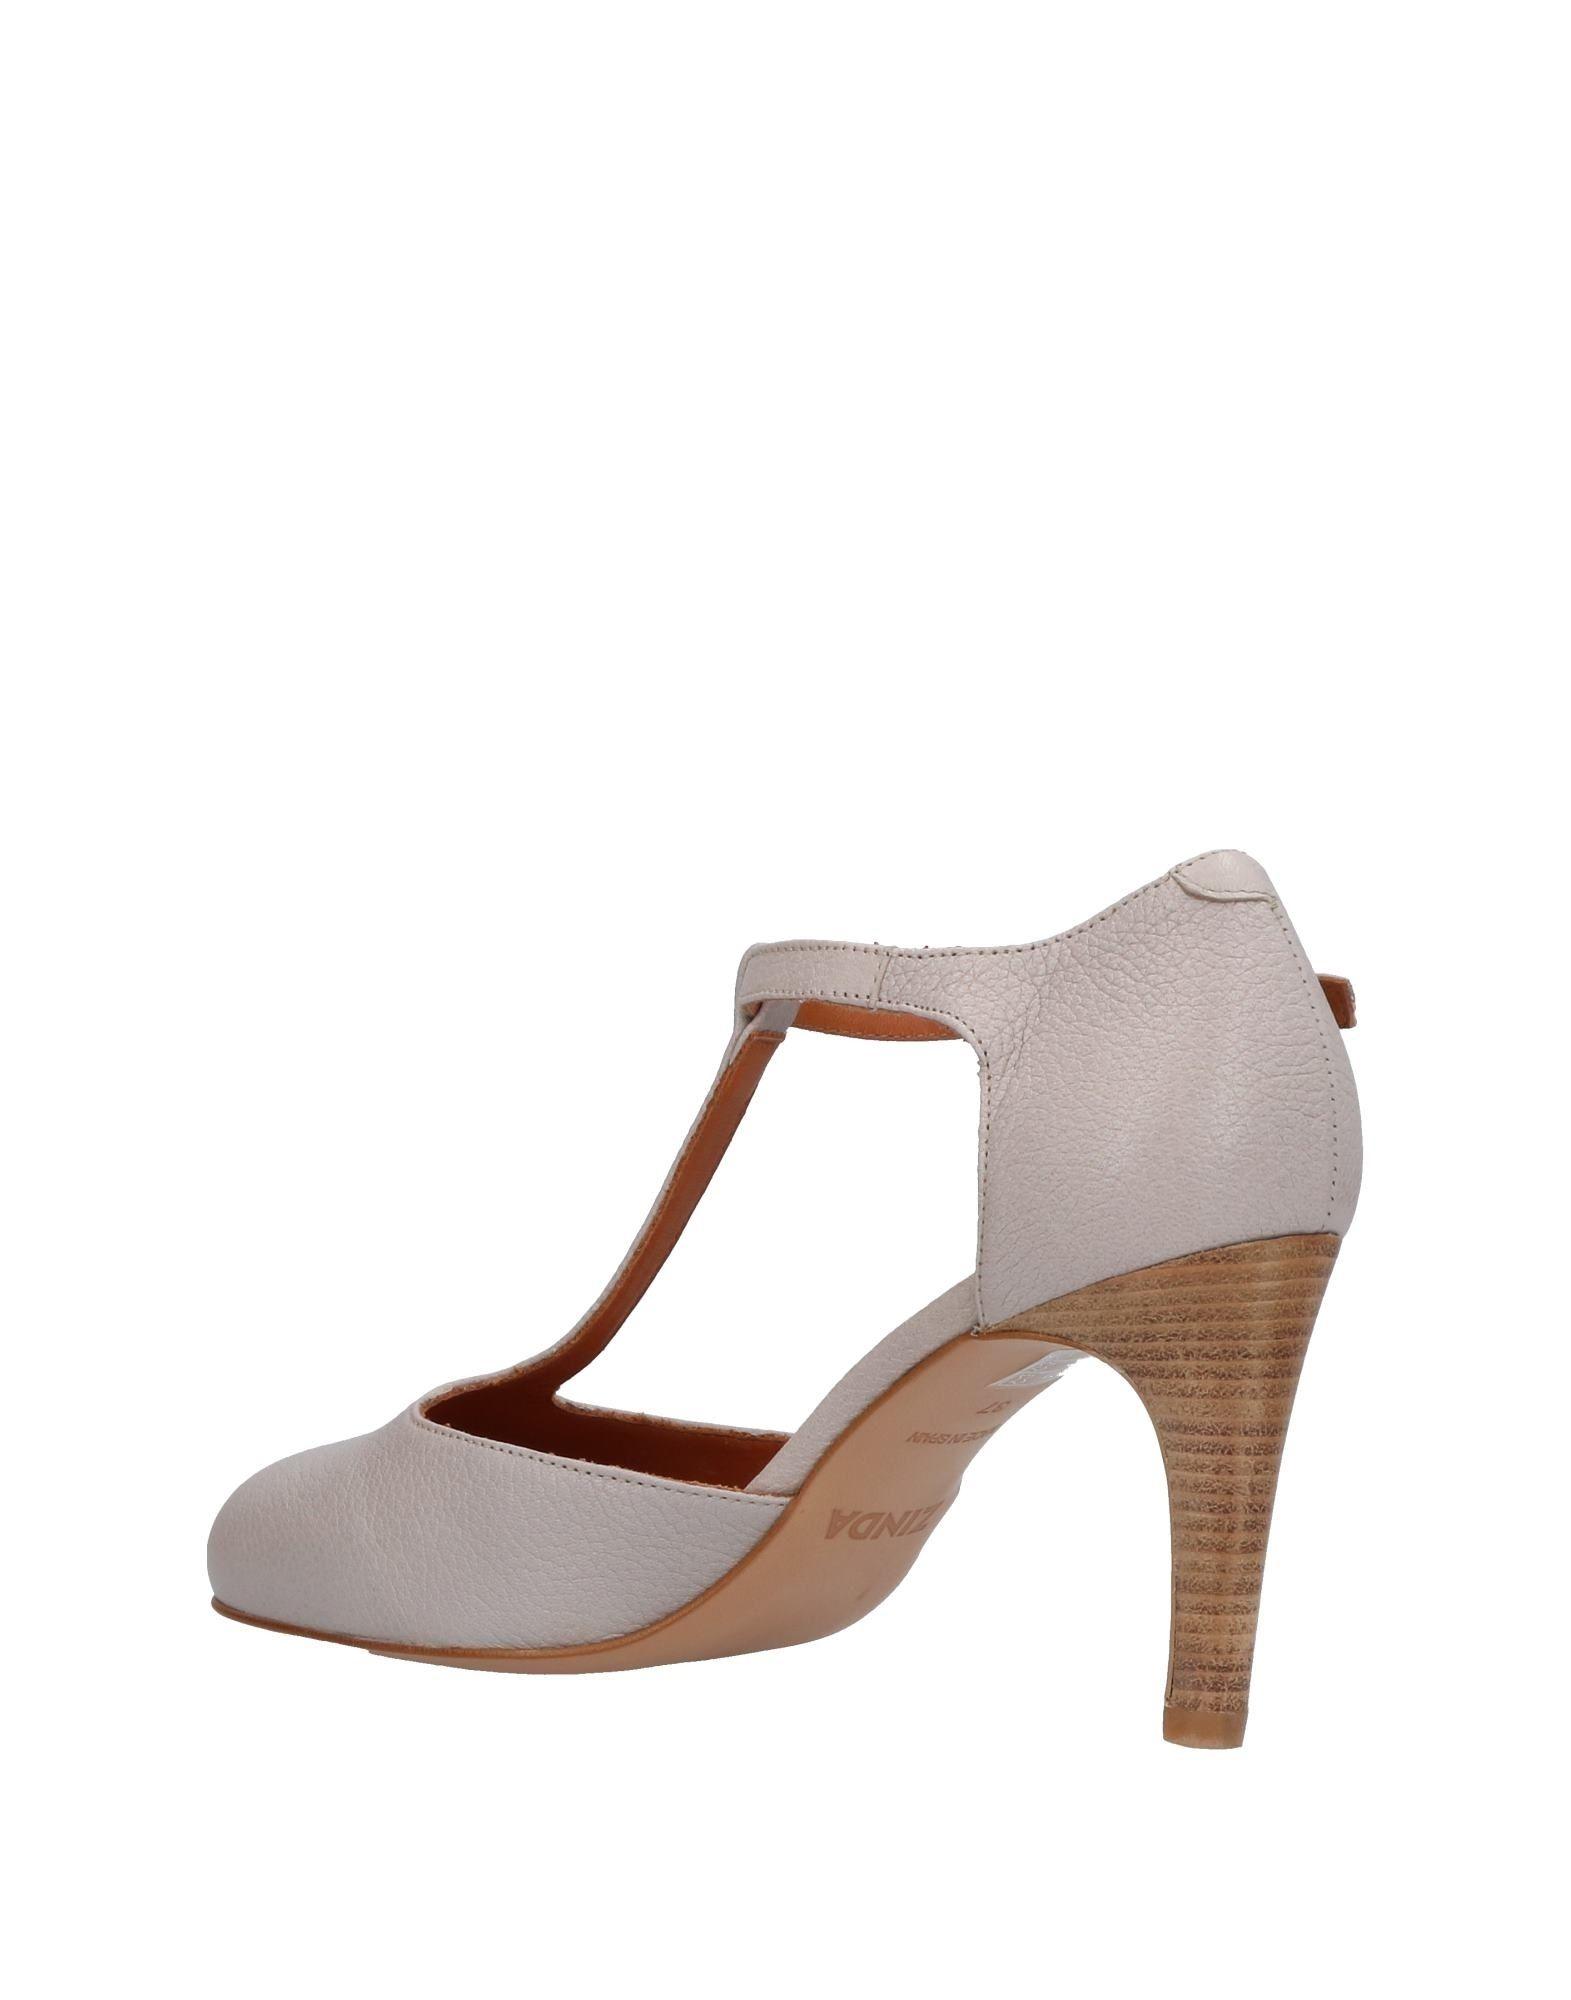 Zinda Pumps Damen  11407454GS Gute Qualität beliebte Schuhe Schuhe Schuhe 448813